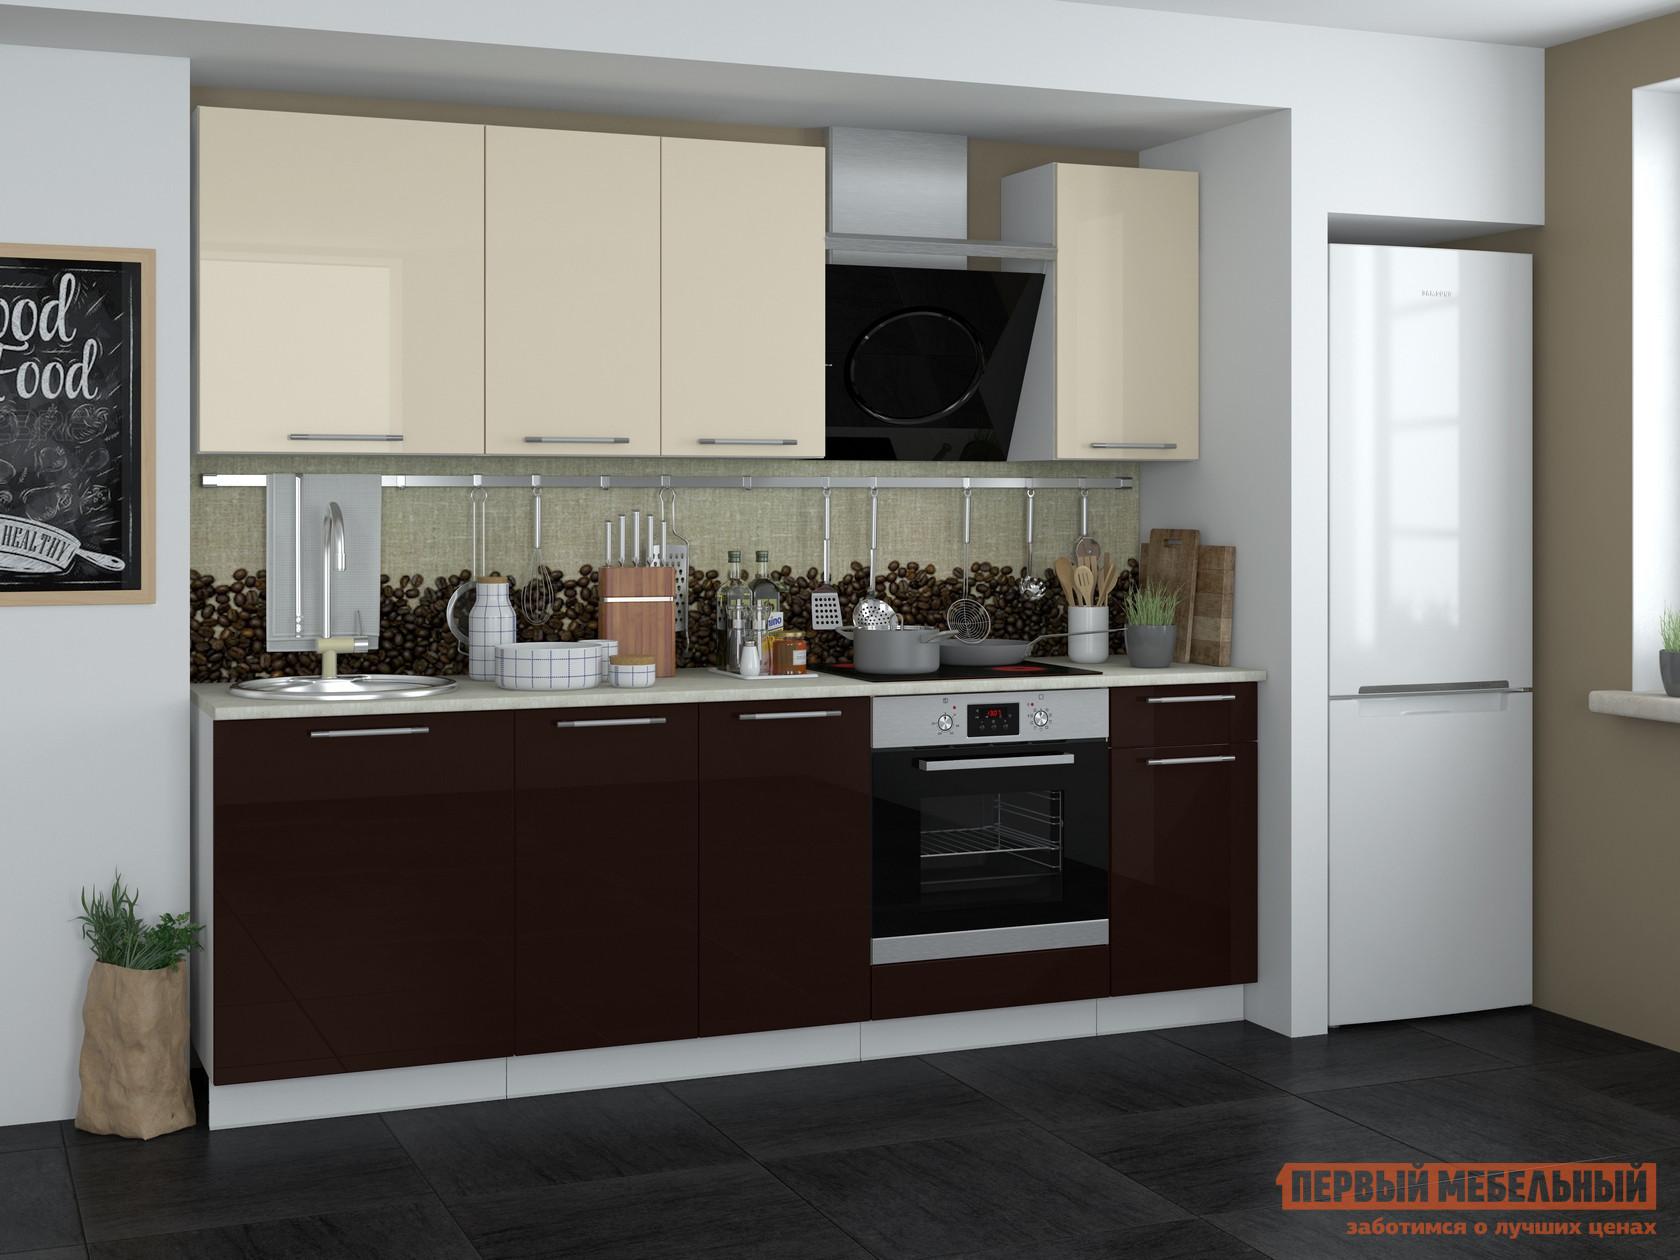 Кухонный гарнитур Мебель Плюс Кремона 2,4 Кофе-ваниль глянец кухонный гарнитур трия фэнтези 120 см